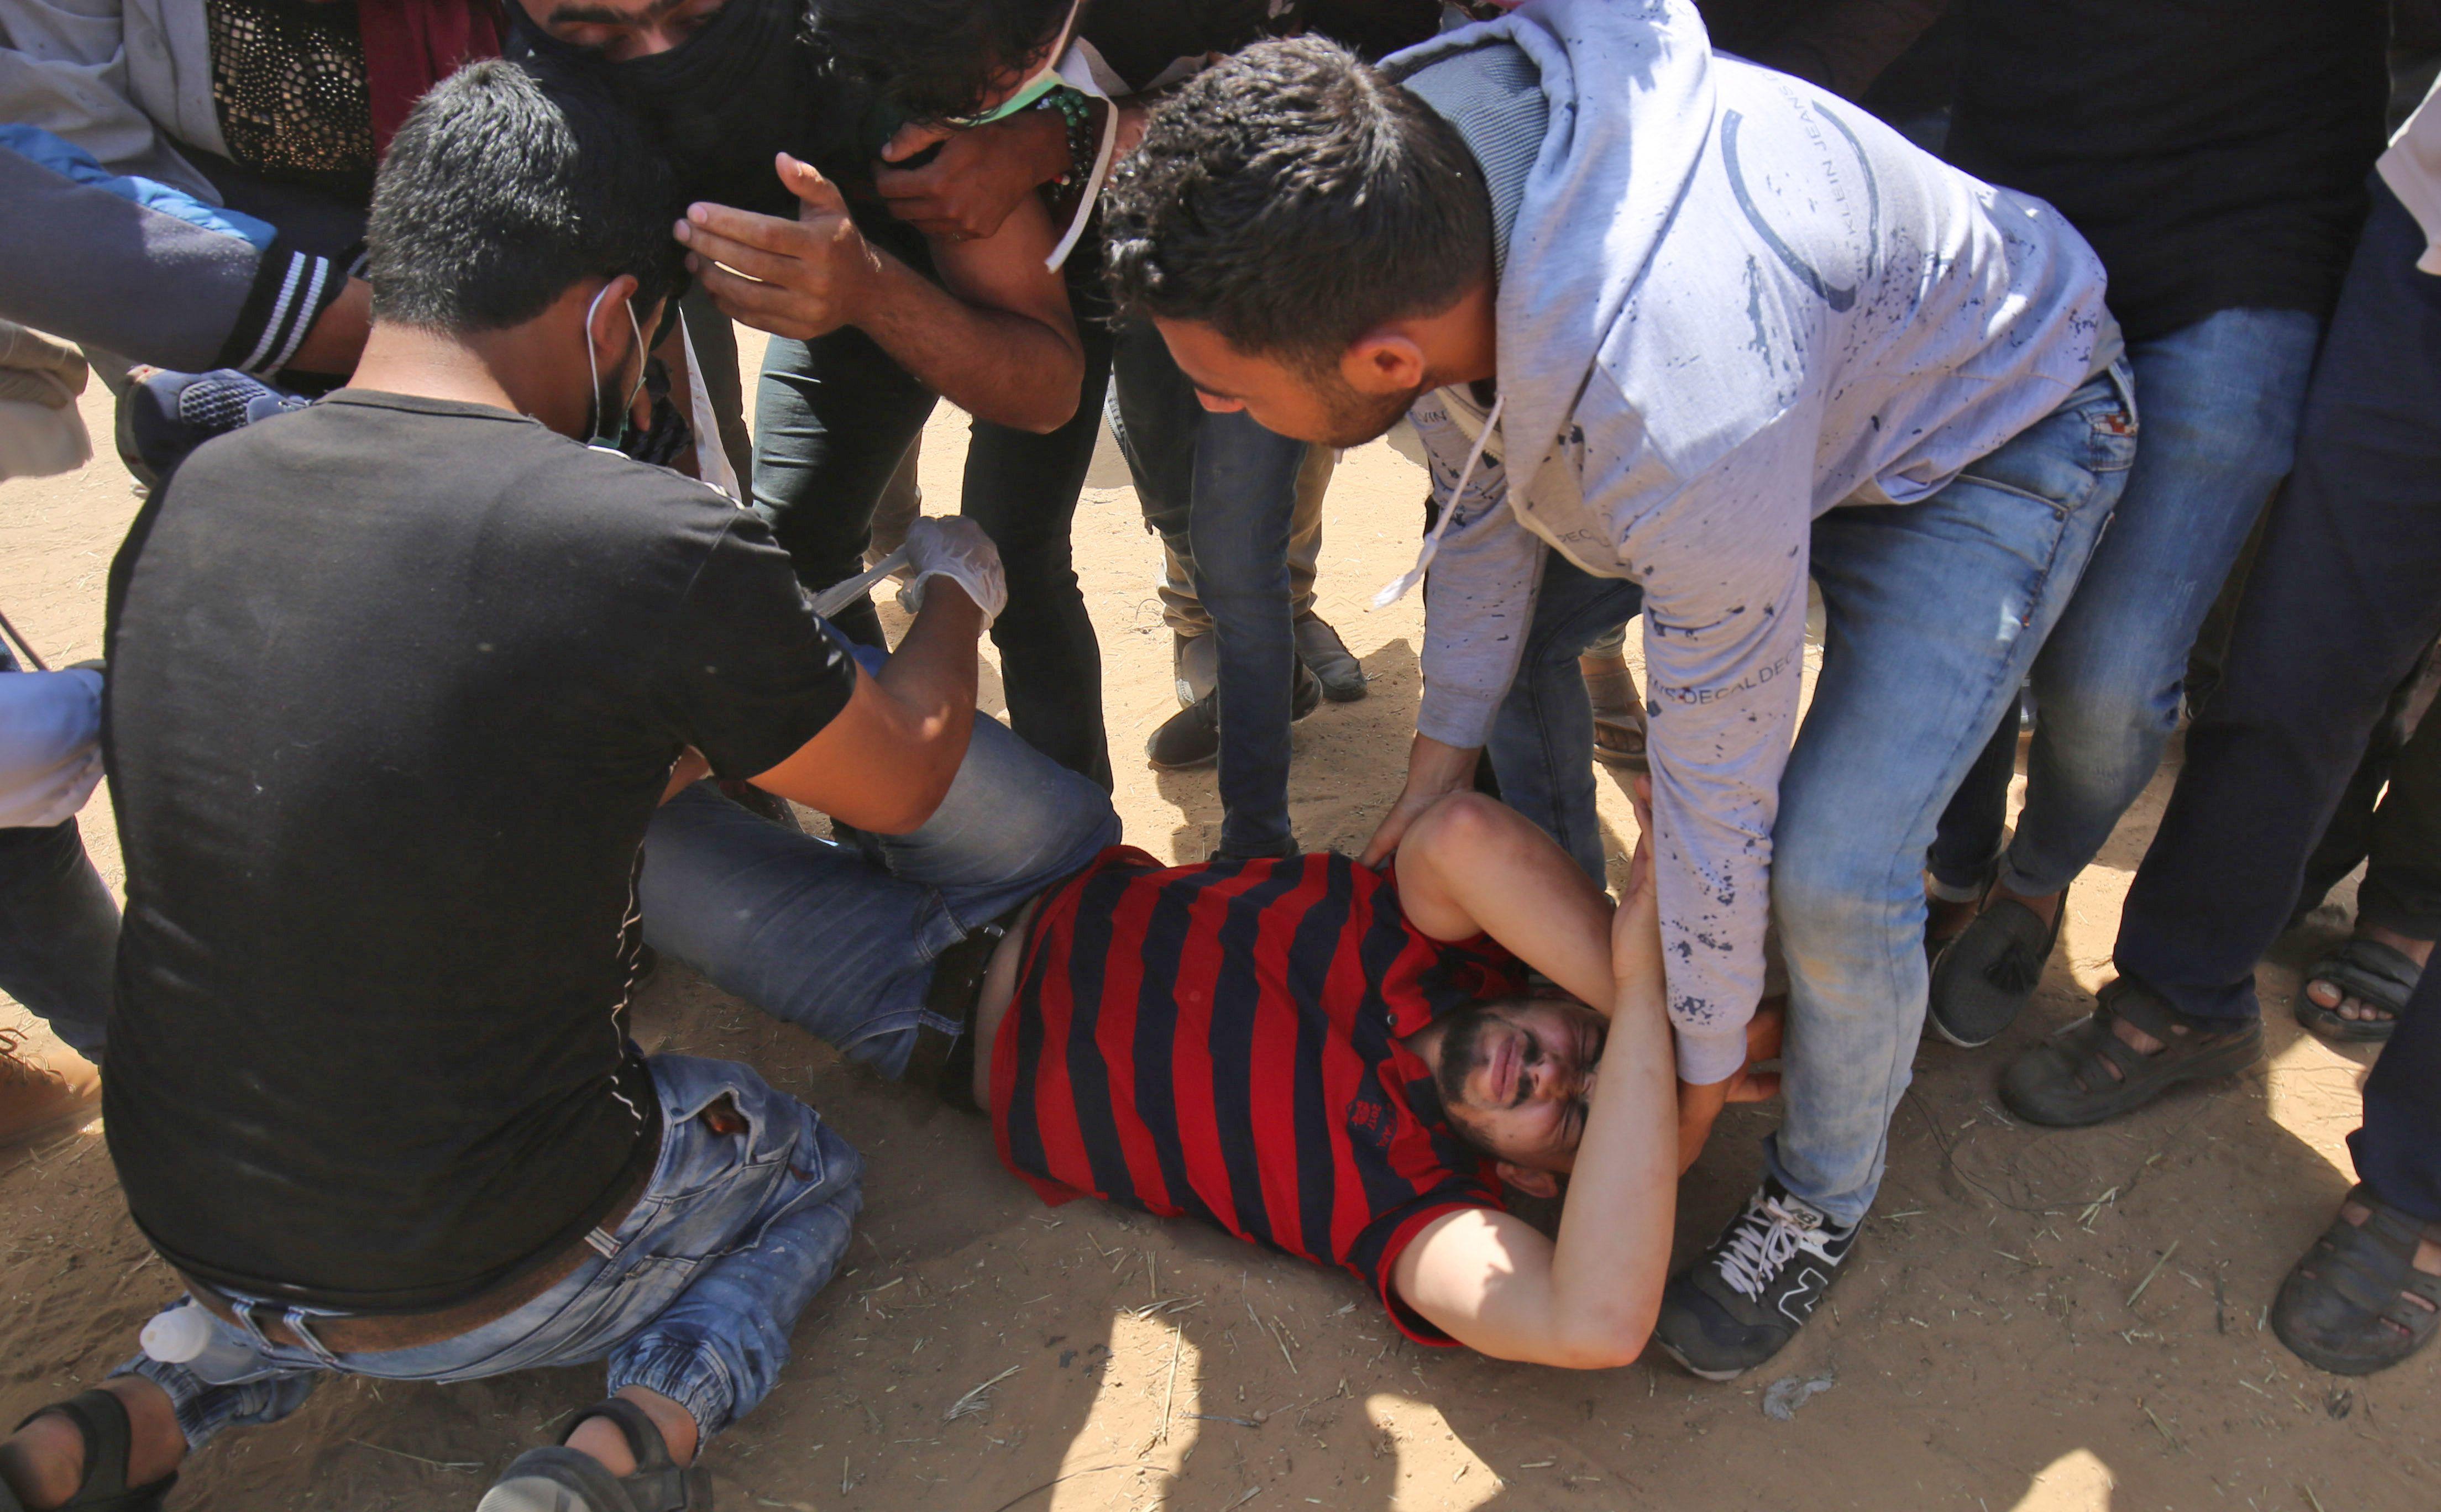 إسعافات أولية لمصاب فلسطينى على حدود غزة